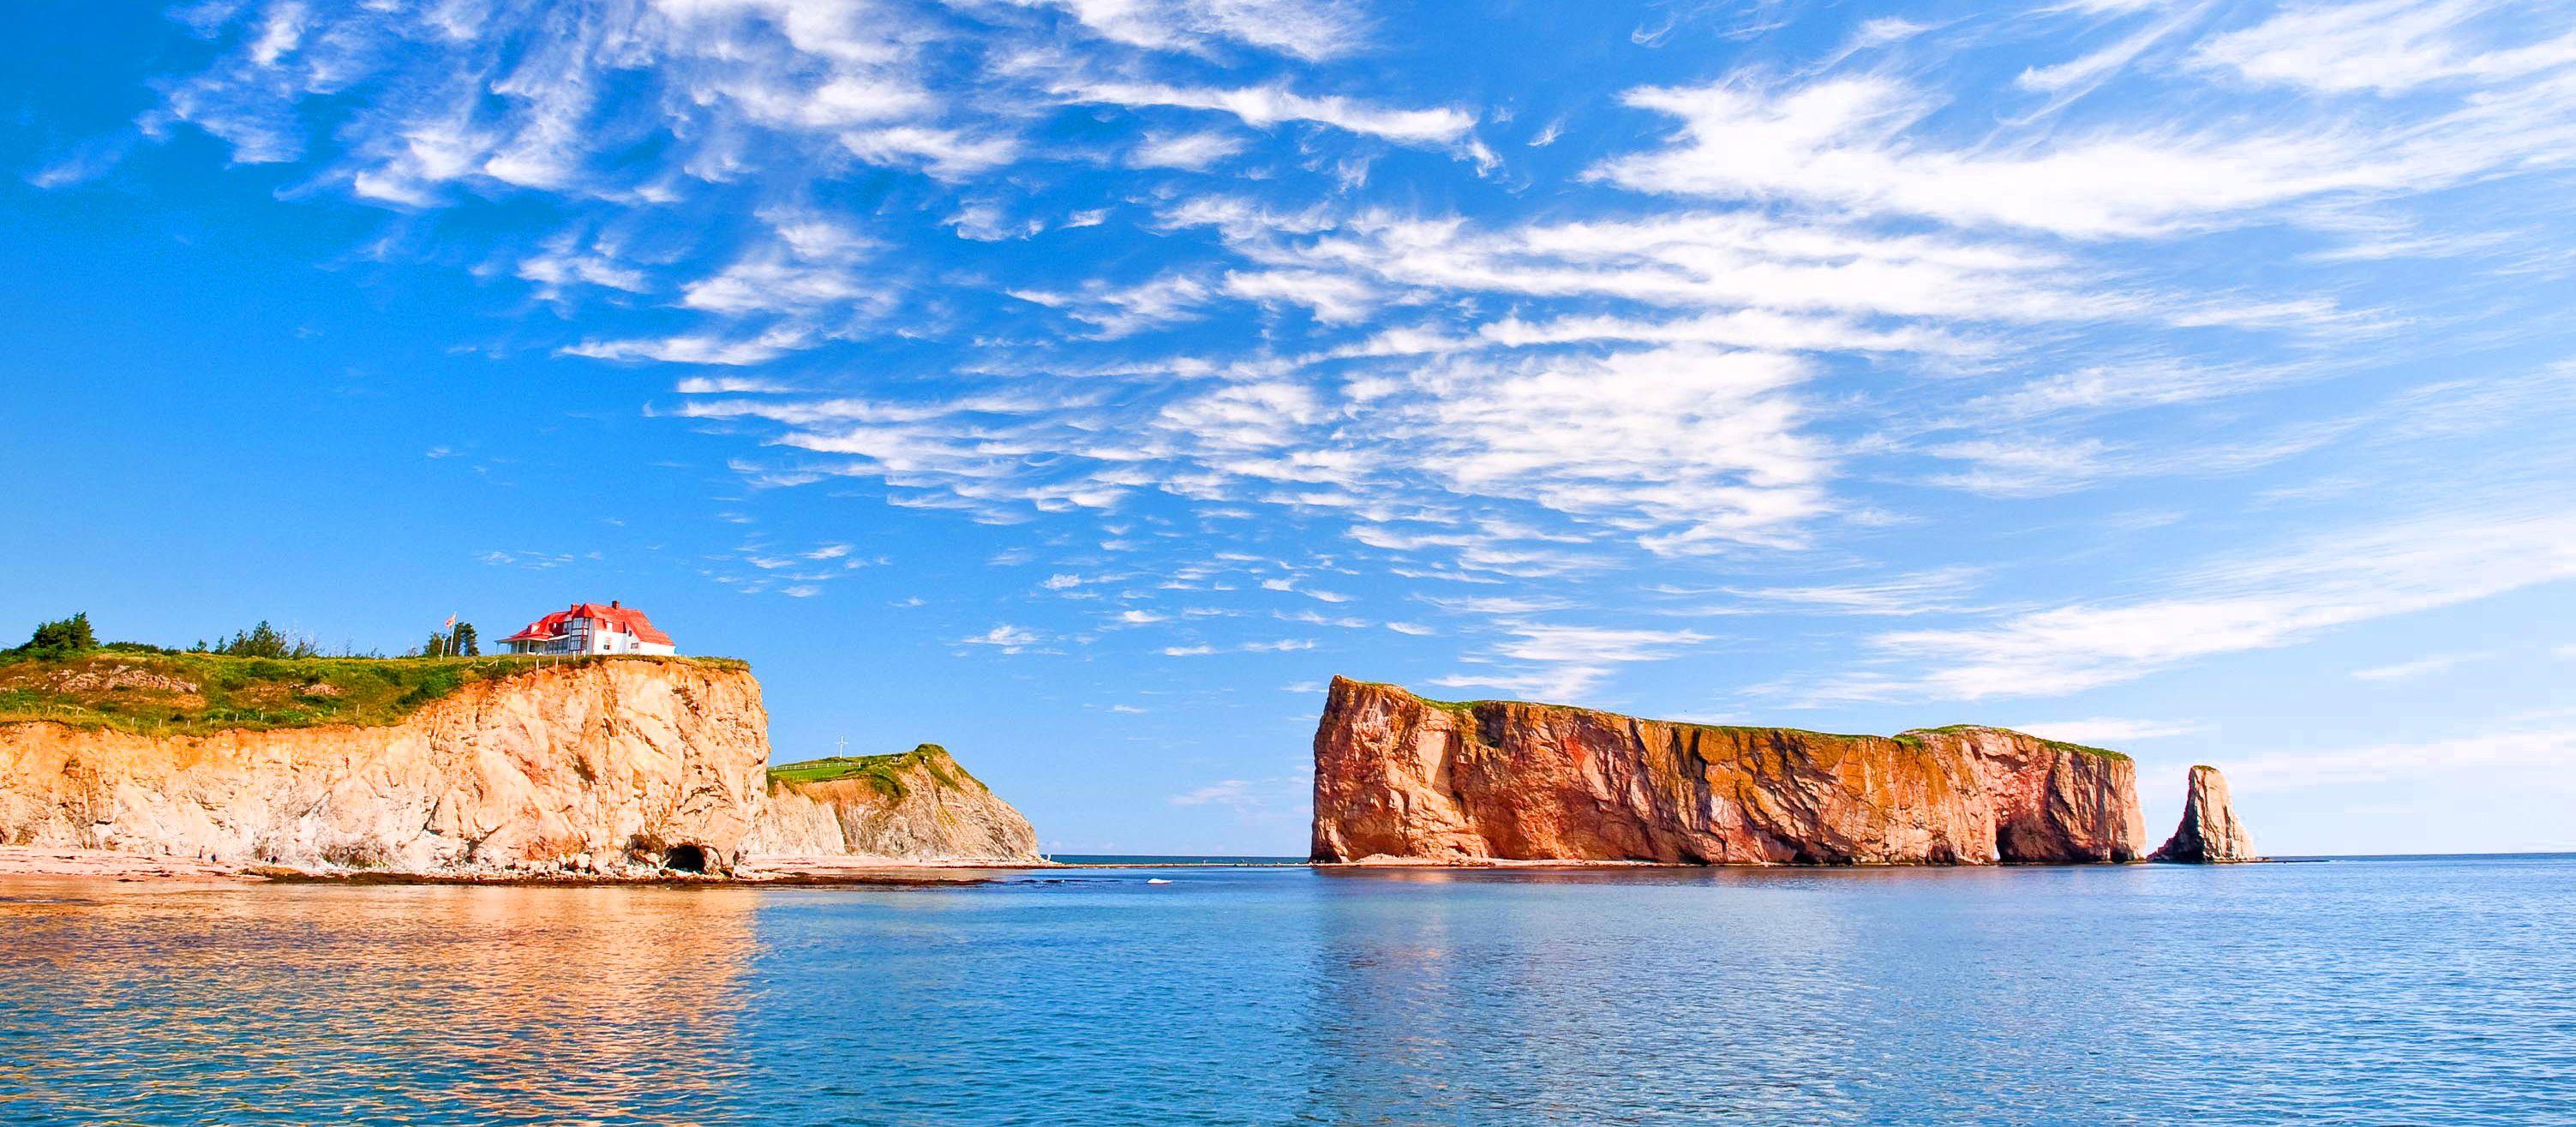 Impression Gaspésie Quebec